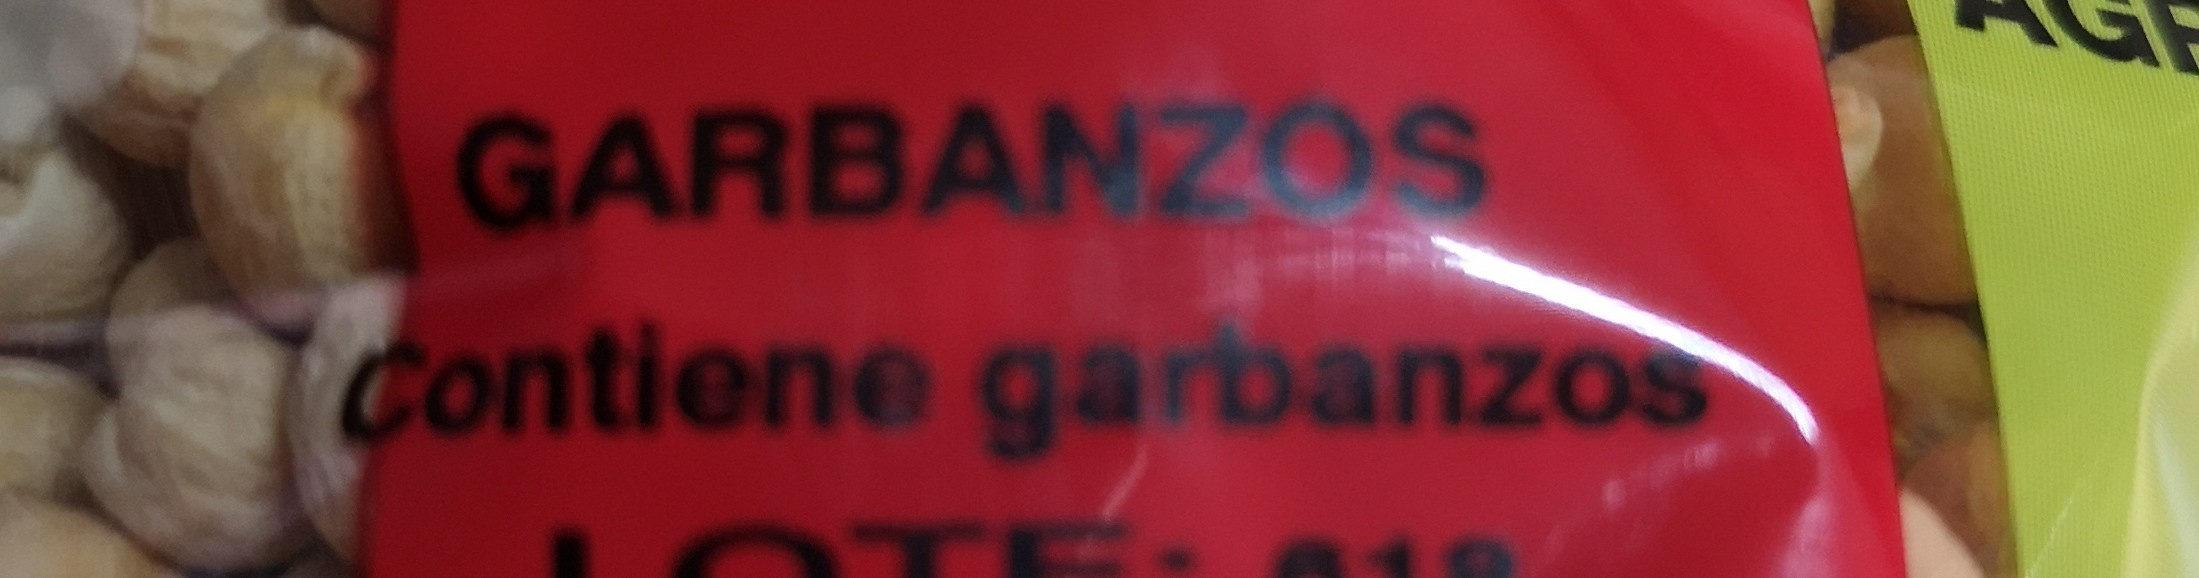 Garbanzos - Ingredientes - es